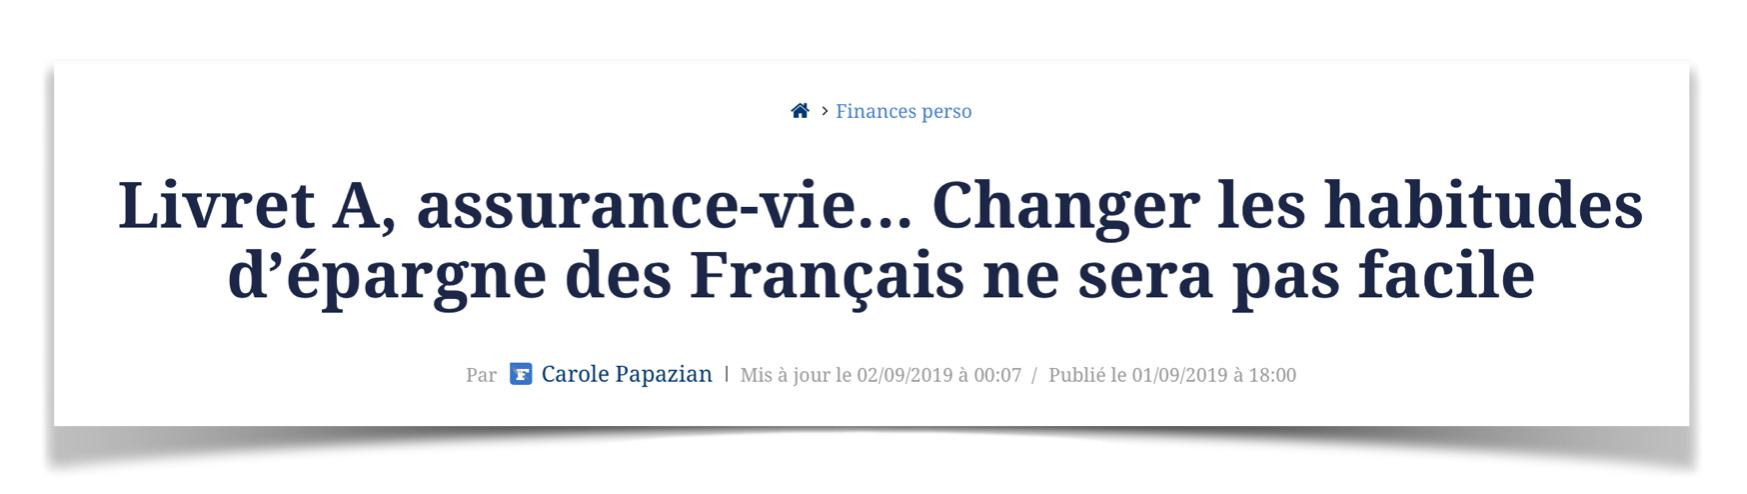 Changer les habitudes d'investissement des francais